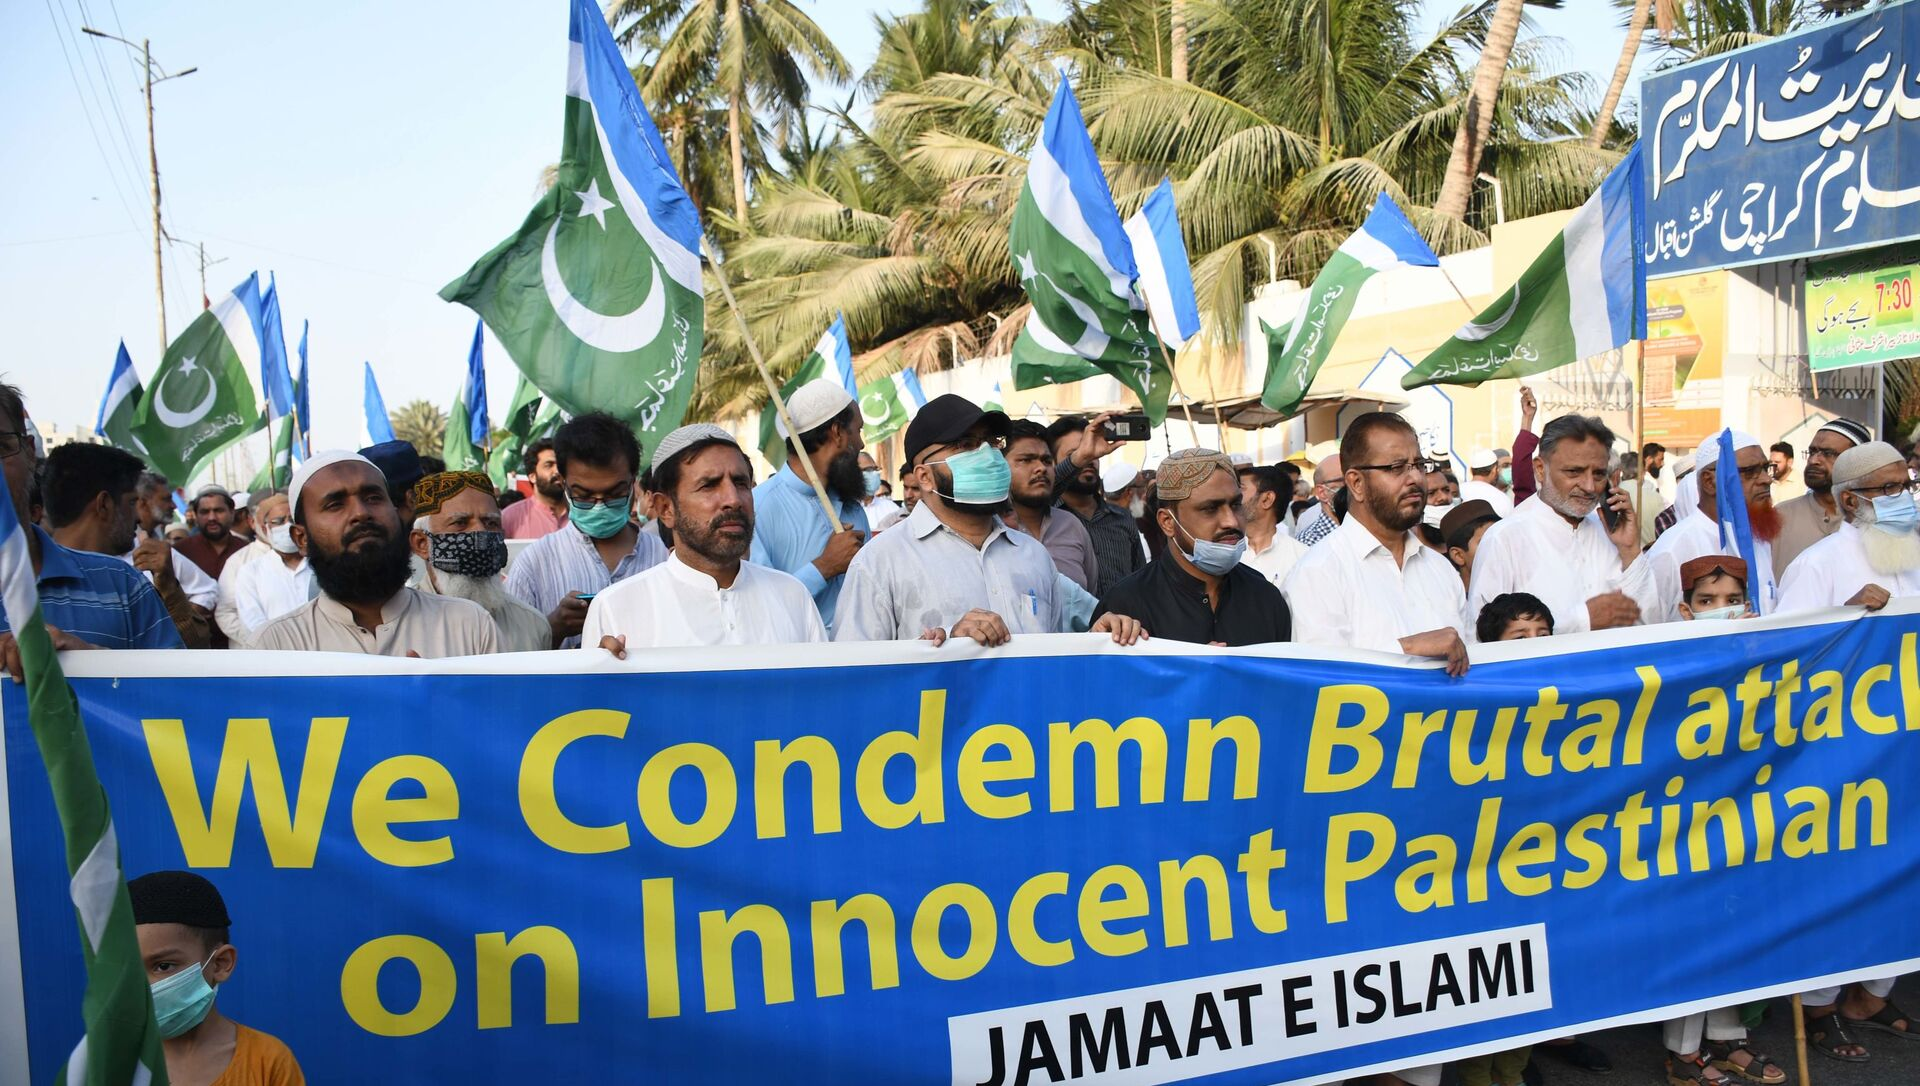 Pakistan'da İsrail karşıtı protesto - Sputnik Türkiye, 1920, 11.05.2021